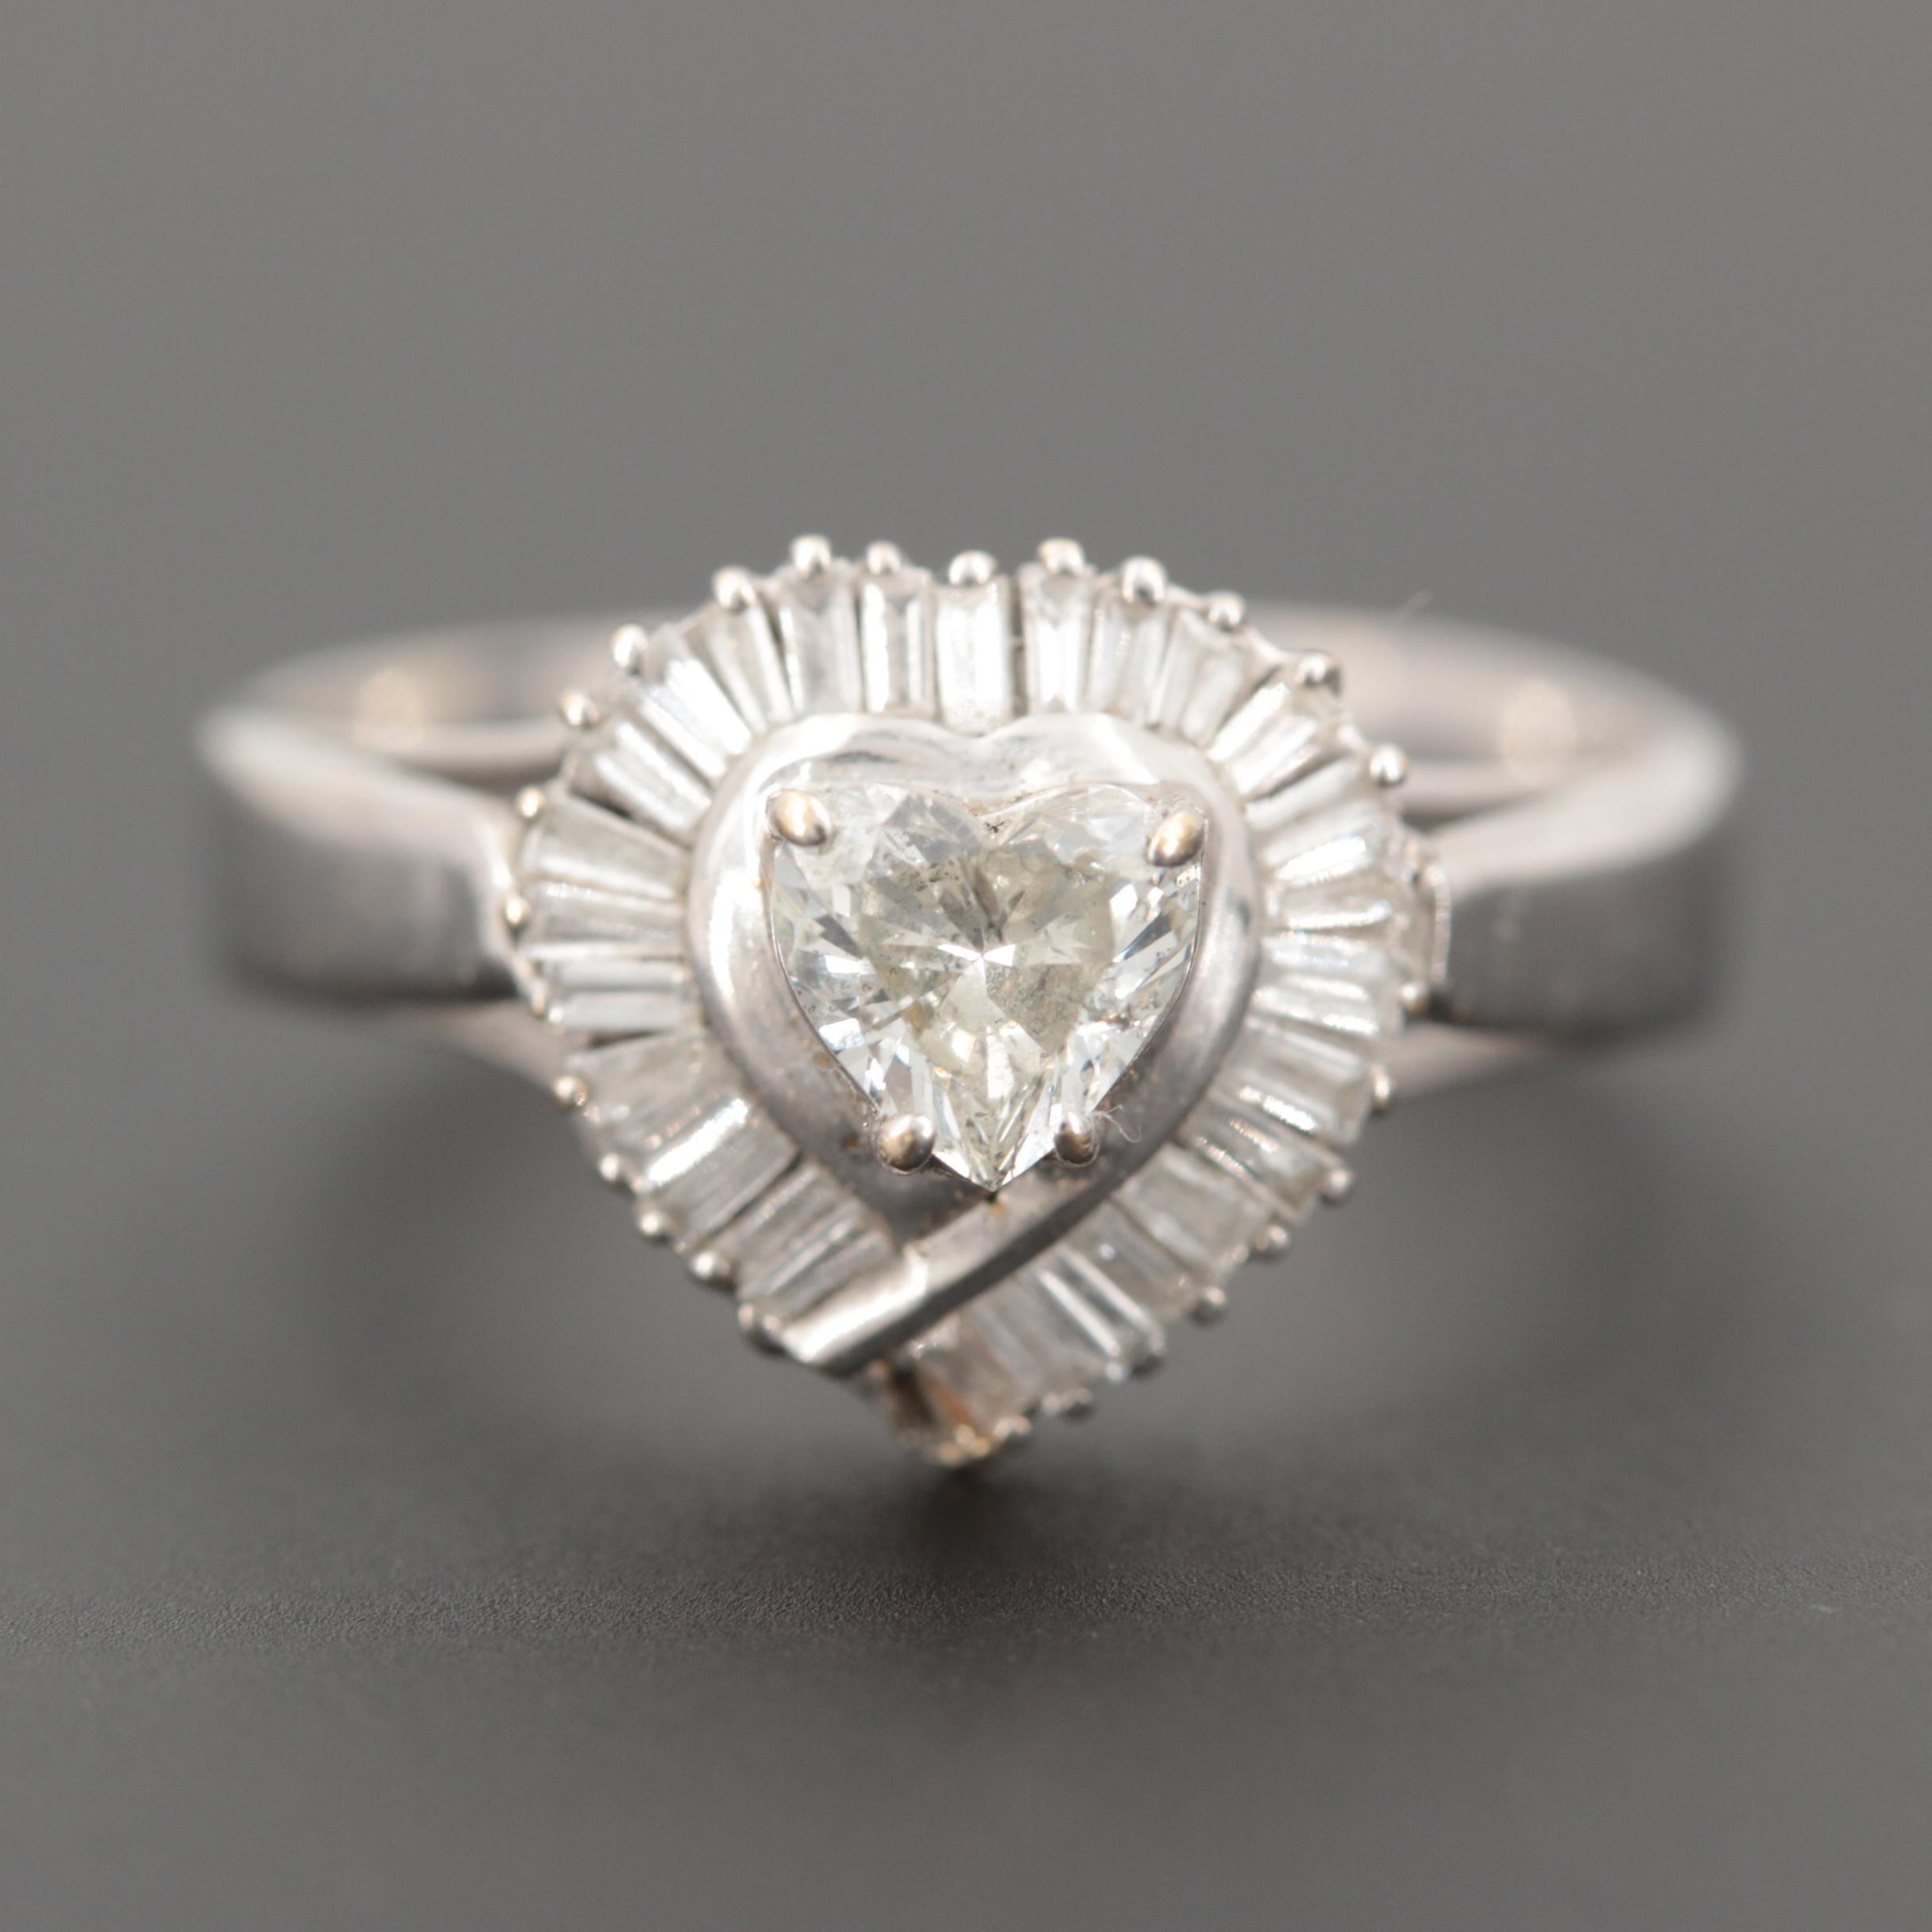 10K White Gold Heart Motif Diamond Ring